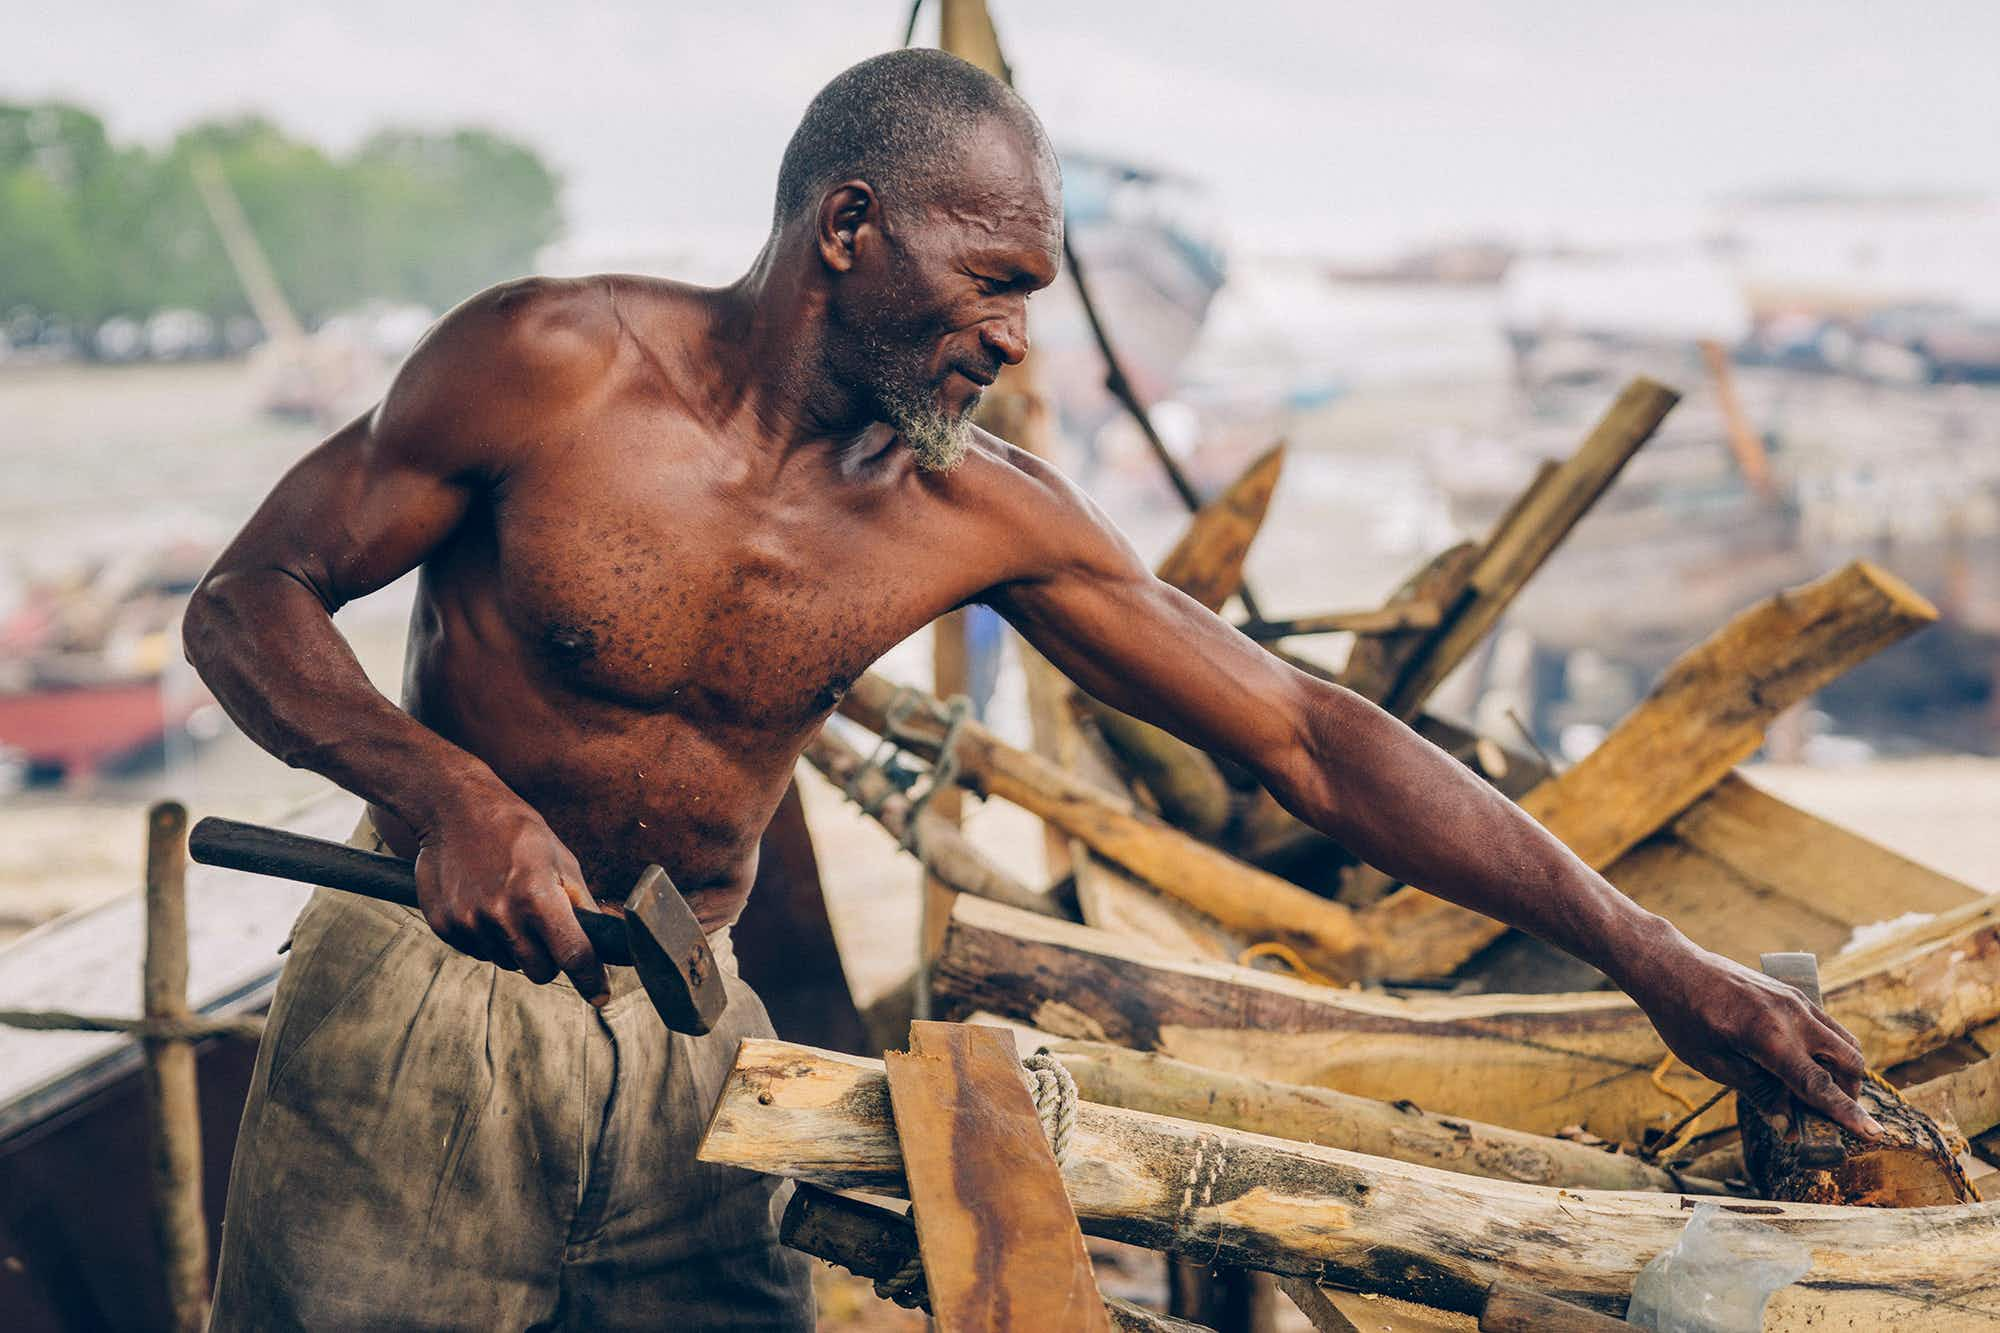 Meet the traditional wooden boat-builders of Zanzibar